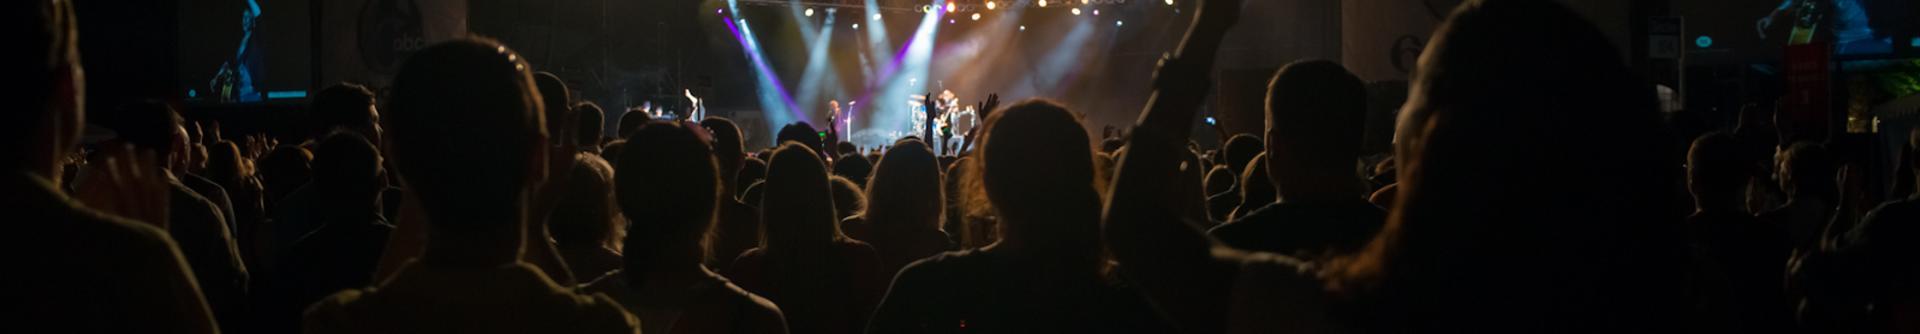 Musikfest 2012 - Goo Goo Dolls